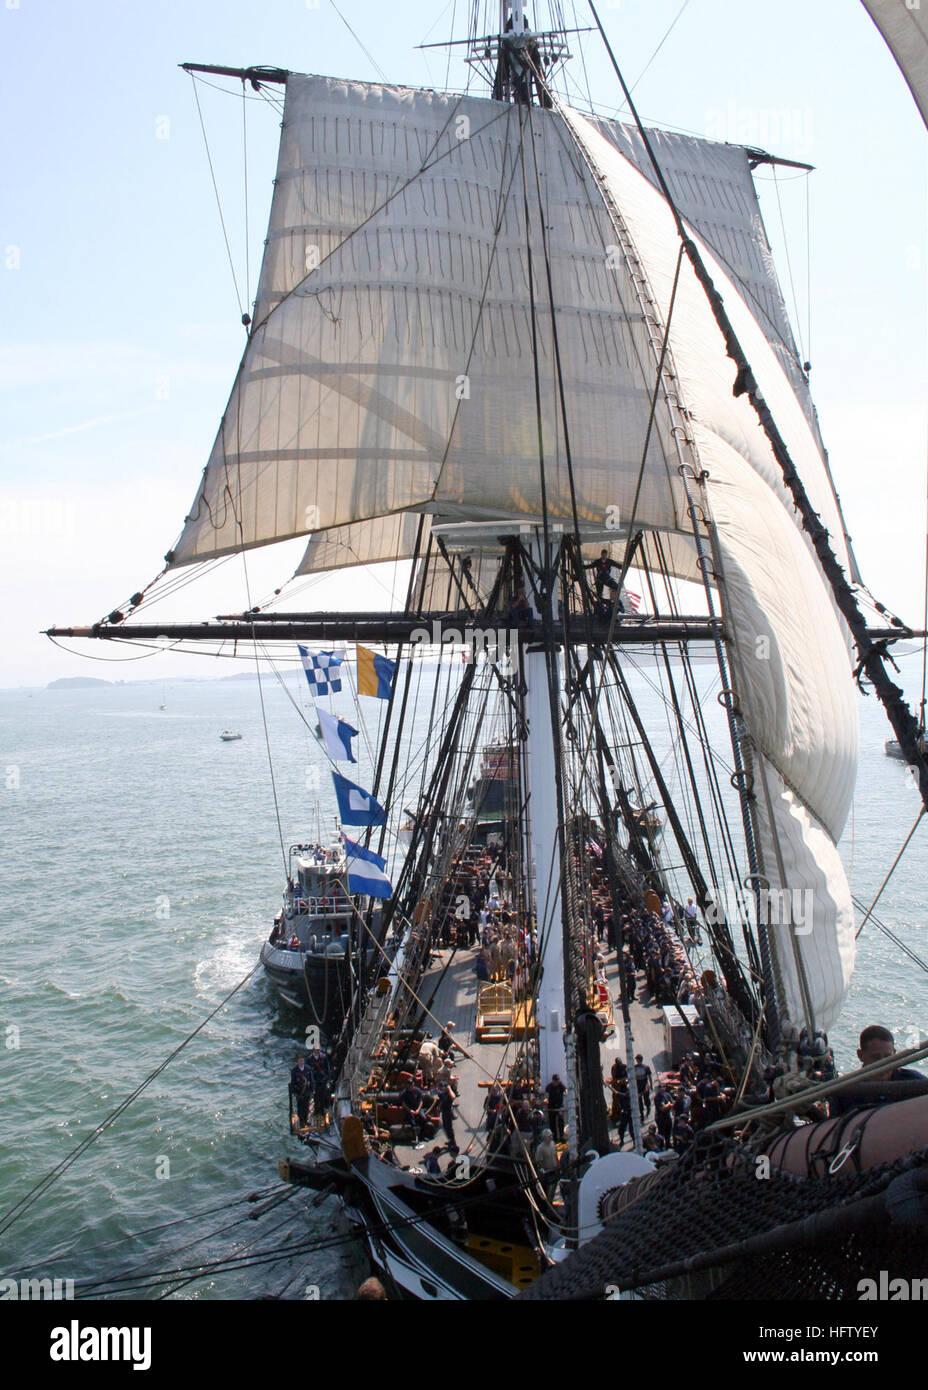 070831-N-9793B-001 al puerto de Boston (Ago. 31, 2007) Ð USS Constitution navega bajo su propio poder, atendida Imagen De Stock